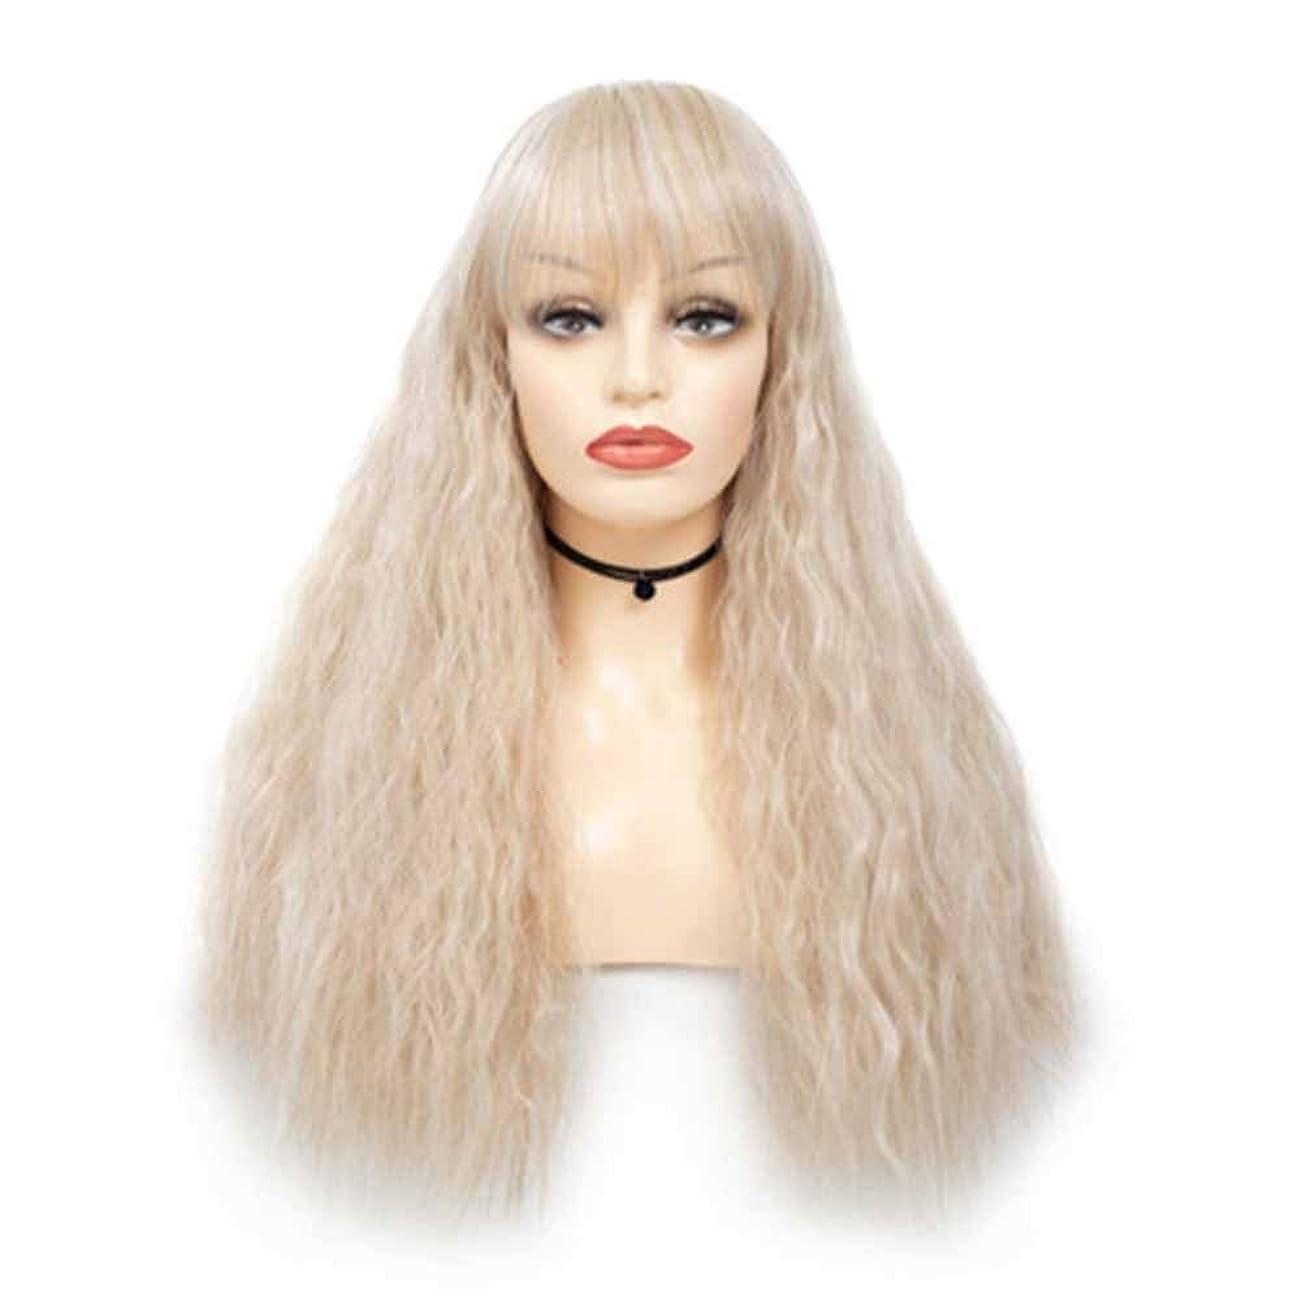 有効オートマトンできるZXF ファッション女性の混色トウモロコシ熱い毛髪のかつらチー劉Haizhongロングロールふわふわフード 美しい